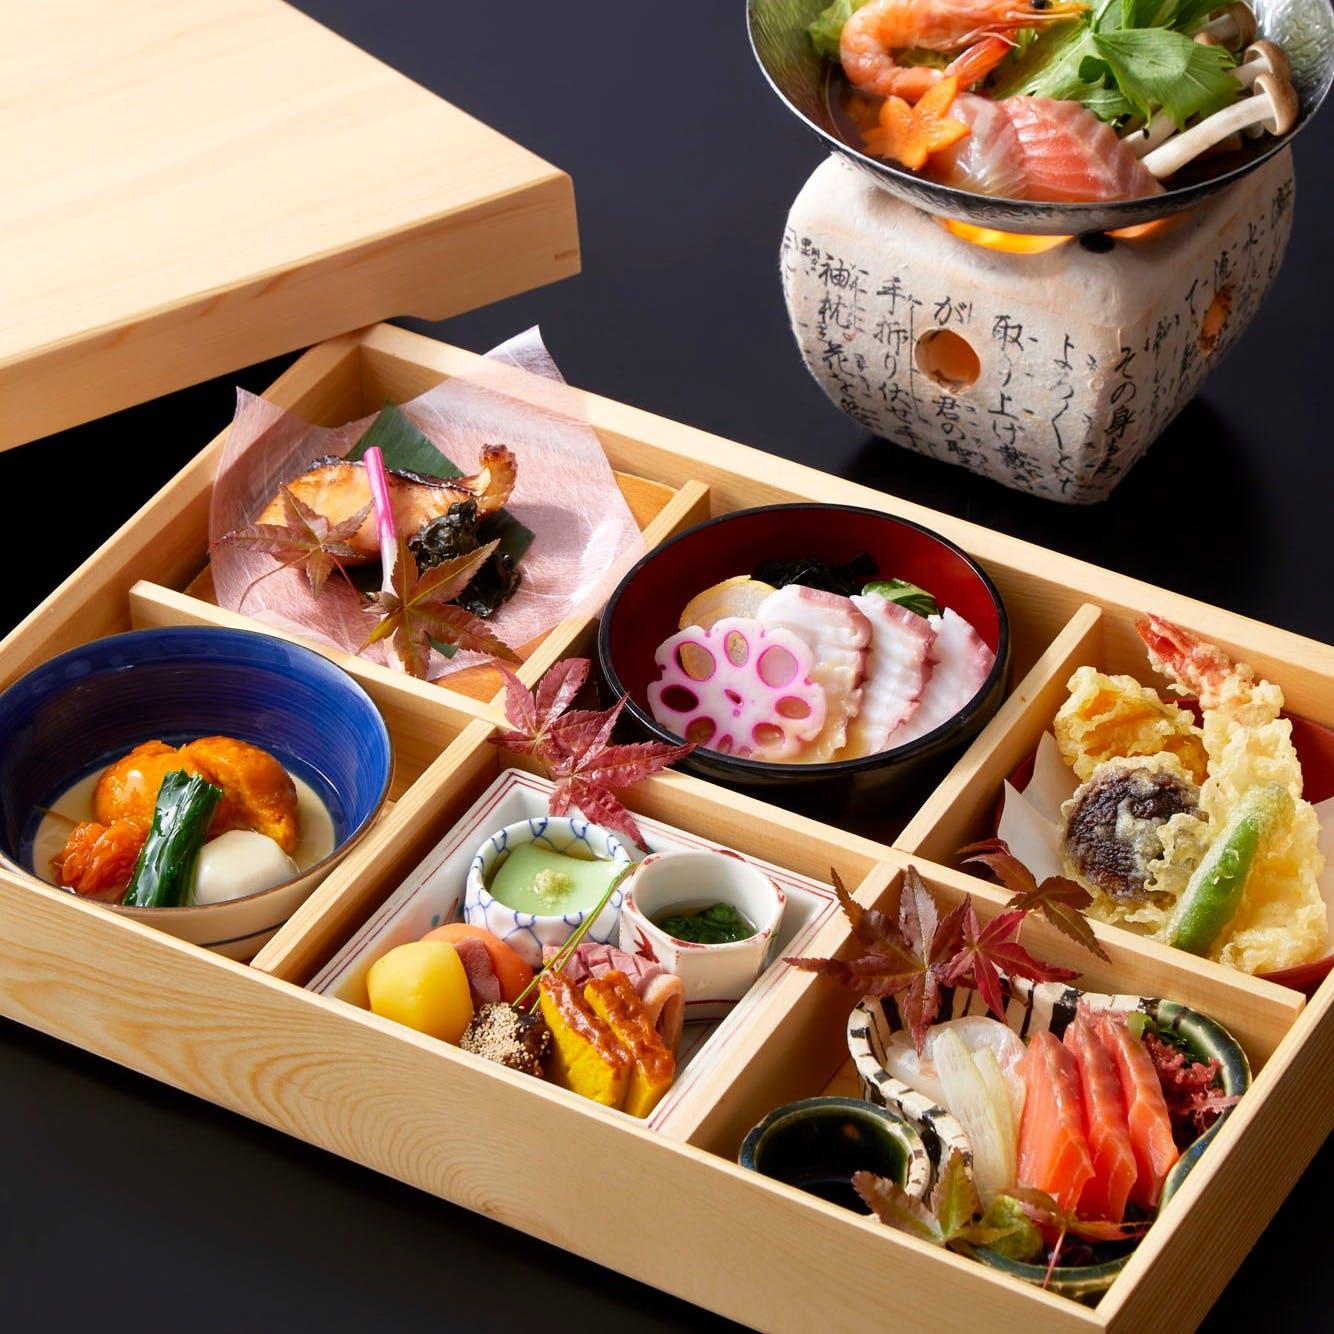 旬の食材をふんだんに使用した伝統的な日本料理の数々